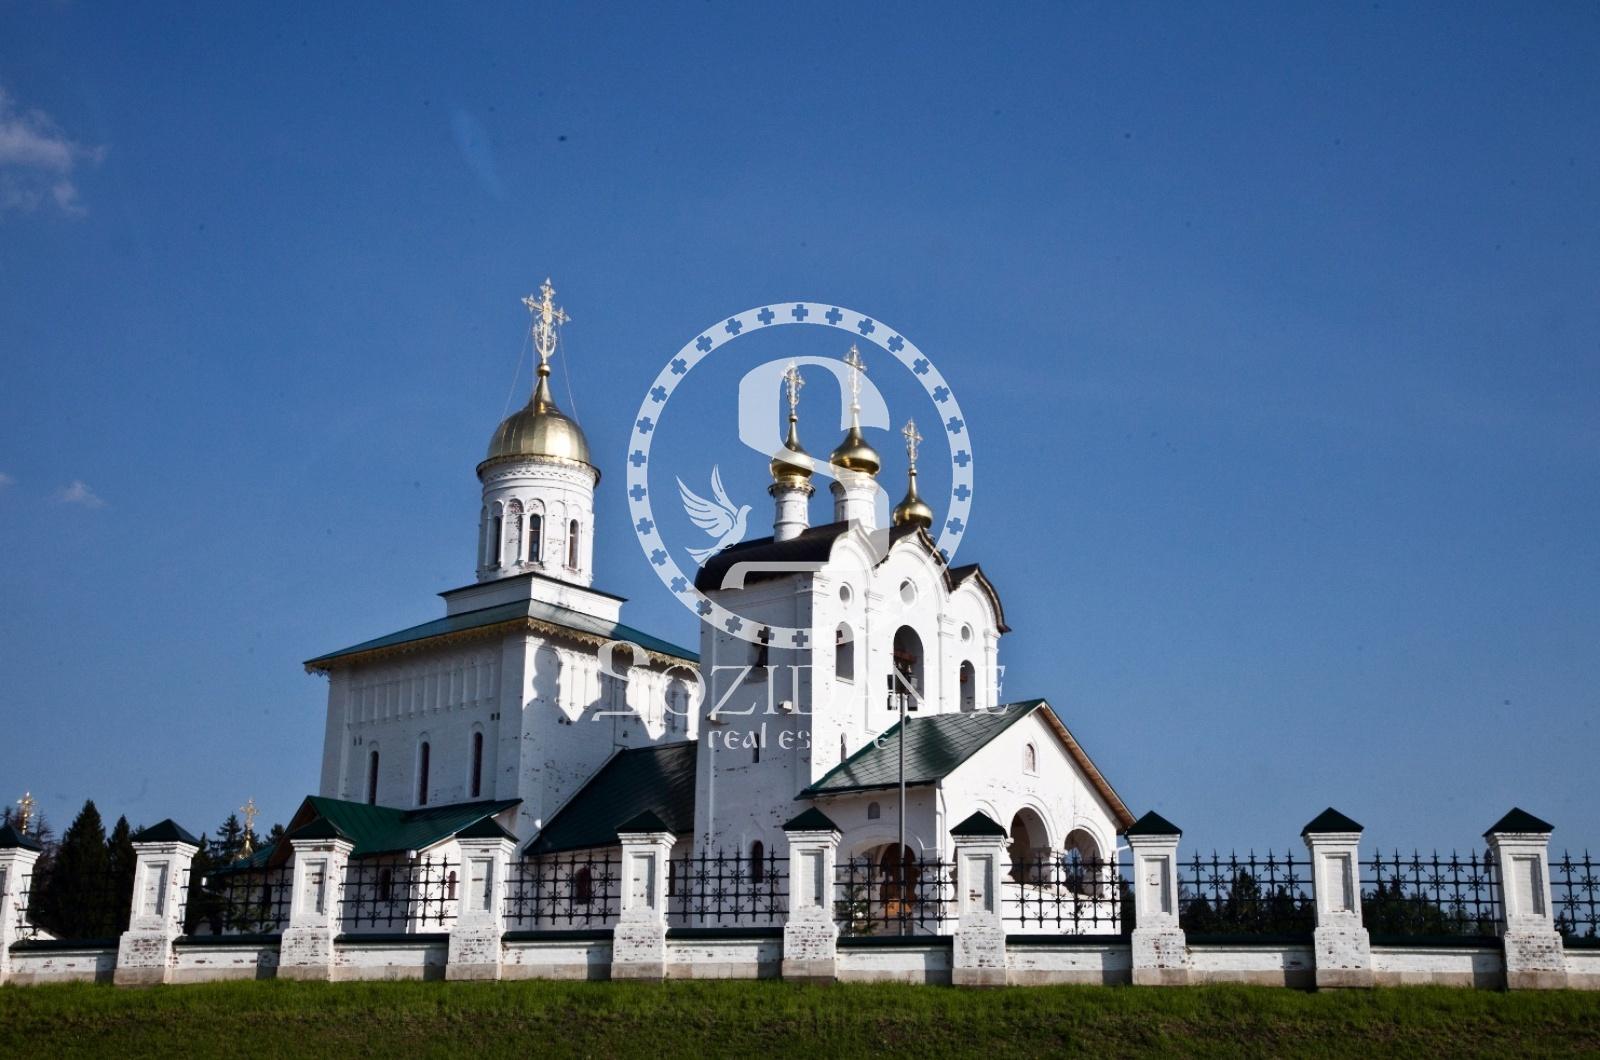 4 Bedrooms, Загородная, Аренда, Listing ID 1091, Московская область, Россия,